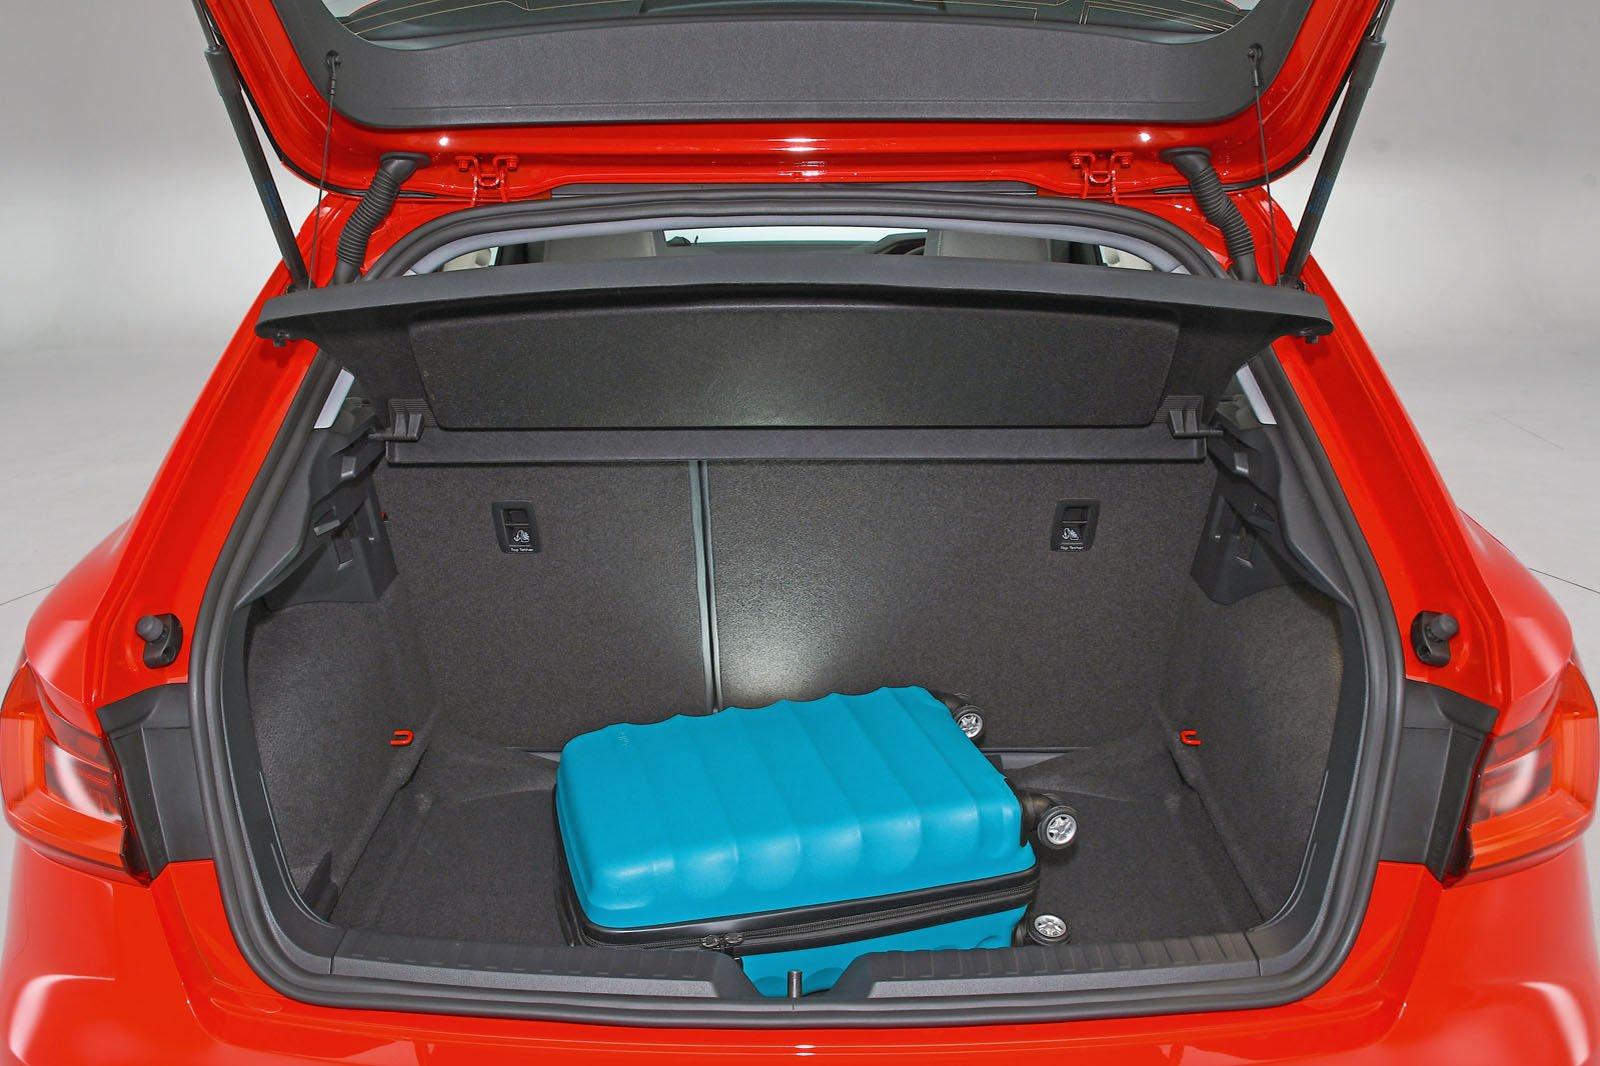 Audi A1 boot